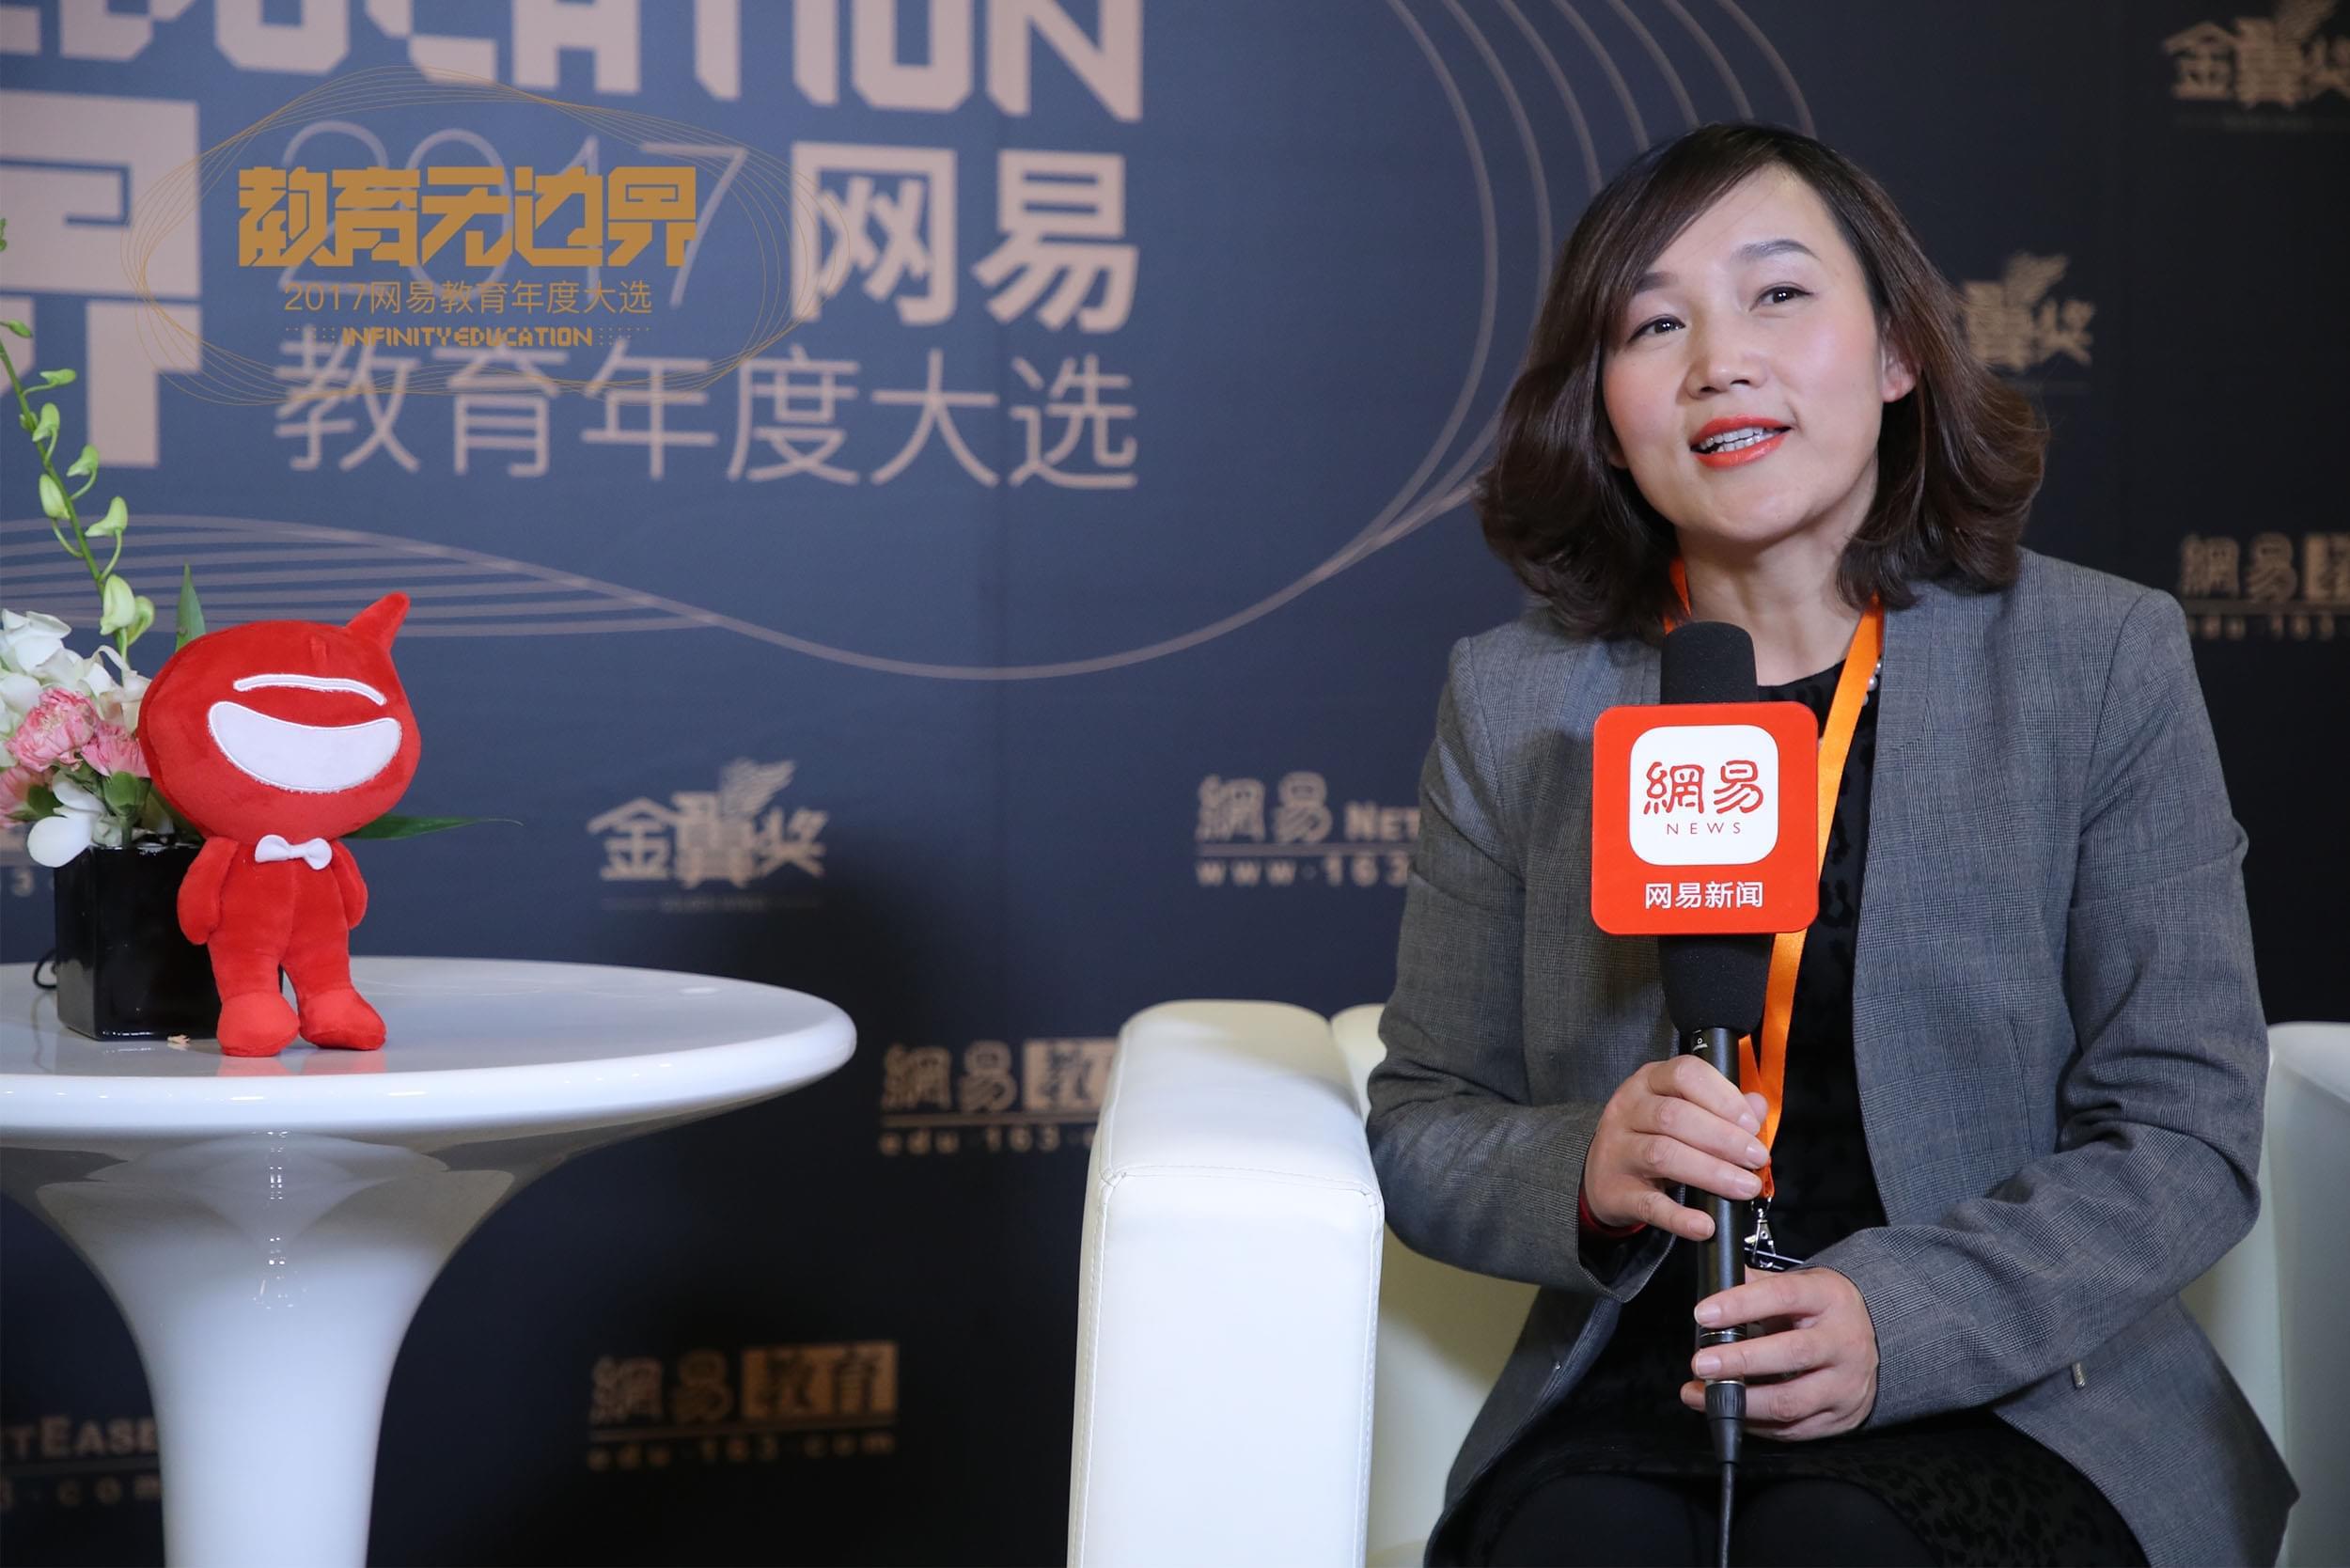 汇佳学校校长李艳丽:走在改革创新的前沿